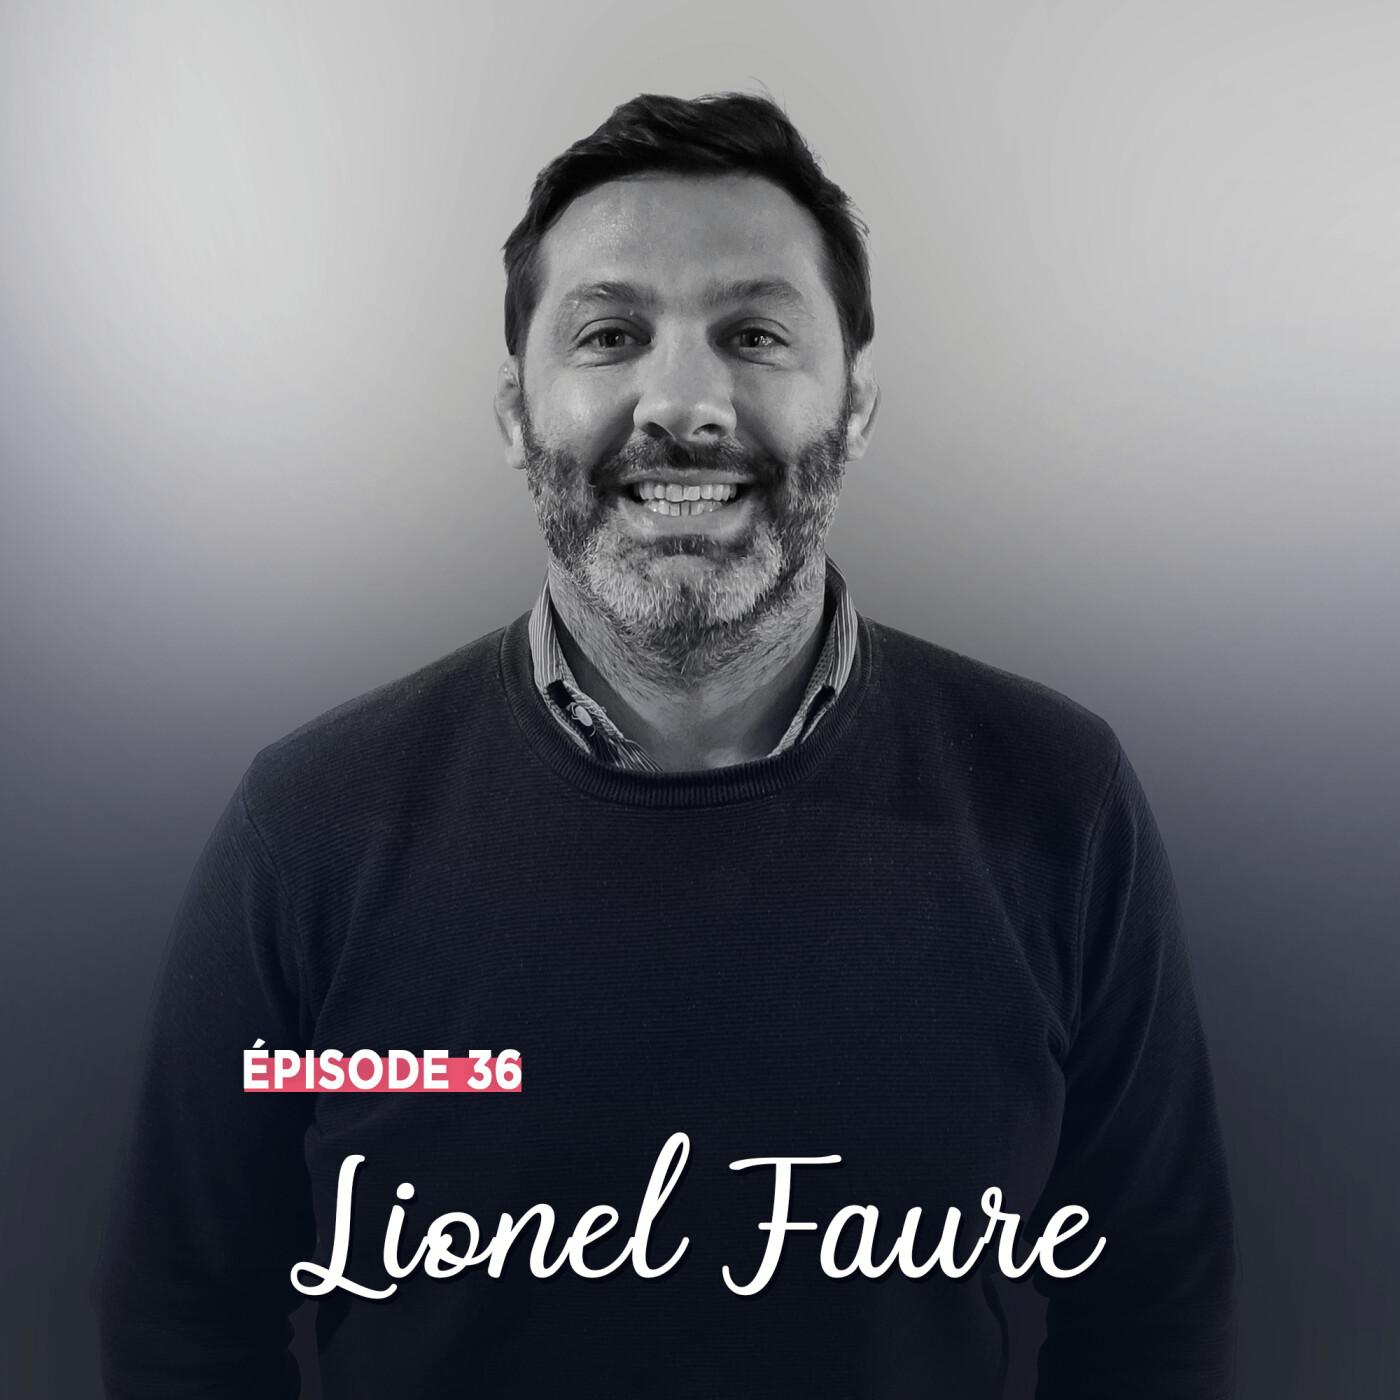 #36 - Lionel Faure, audace et découverte - L'instinct avant tout